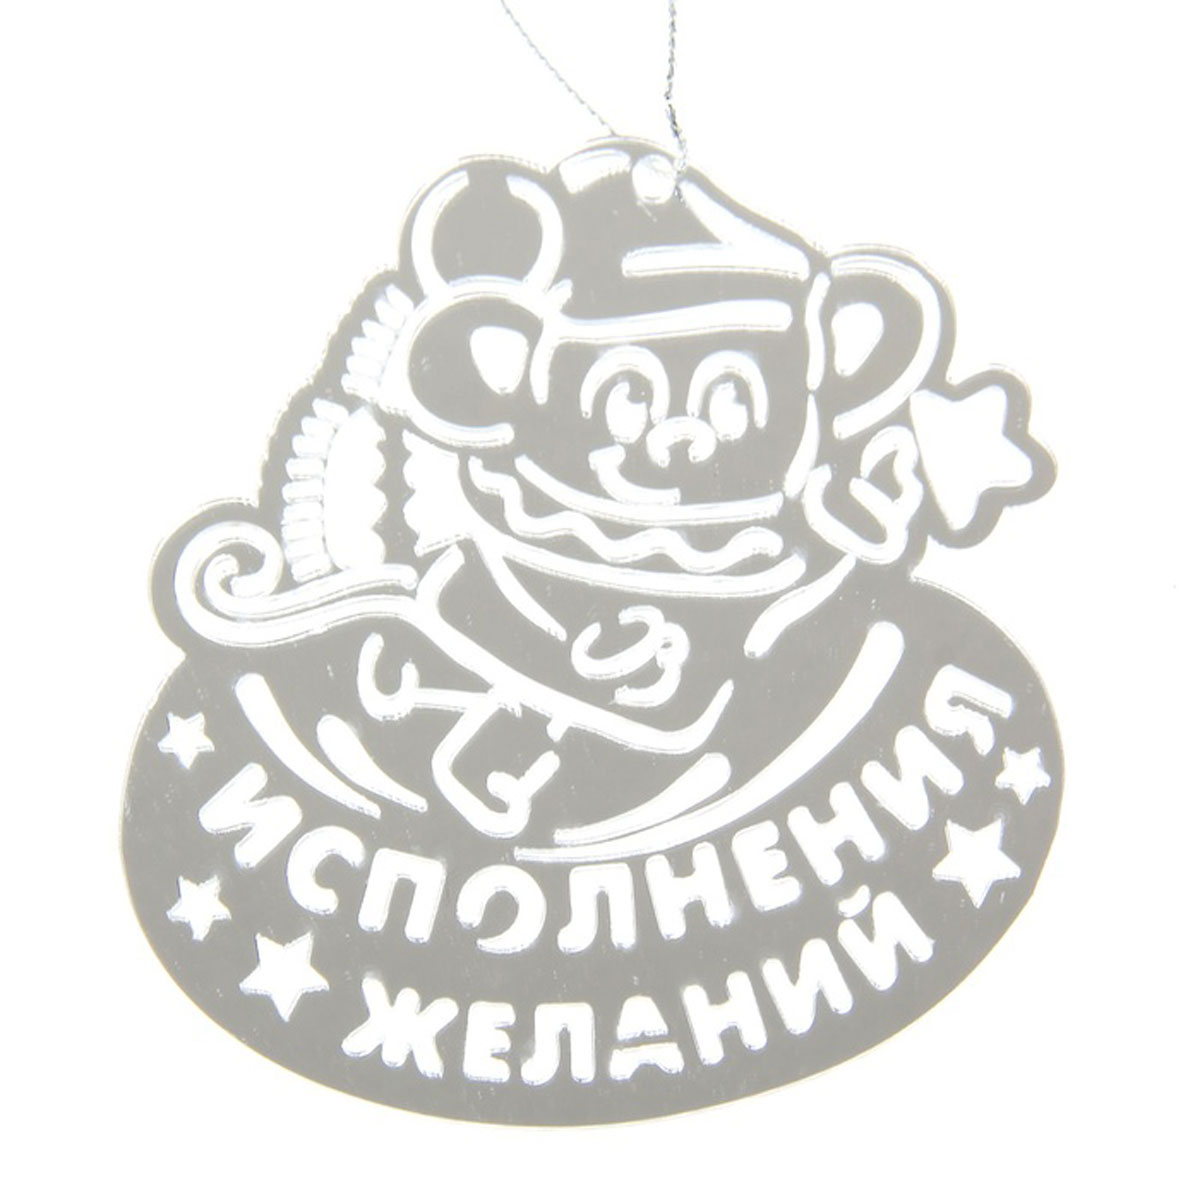 Новогоднее подвесное украшение Sima-land Исполнения желаний, 9,2 см х 10 см1090578Подвесное украшение Sima-land Исполнения желаний, выполненное из акрила, прекрасно подойдет для праздничного декора вашей ели. Изделие оснащено зеркальной поверхностью и специальной текстильной петелькой, благодаря которой его можно повесить в любом понравившемся вам месте. Но удачнее всего такая игрушка будет смотреться на праздничной елке. Елочная игрушка - символ Нового года и Рождества. Она несет в себе волшебство и красоту праздника. Создайте в своем доме атмосферу веселья и радости, украшая новогоднюю елку нарядными игрушками, которые будут из года в год накапливать теплоту воспоминаний.